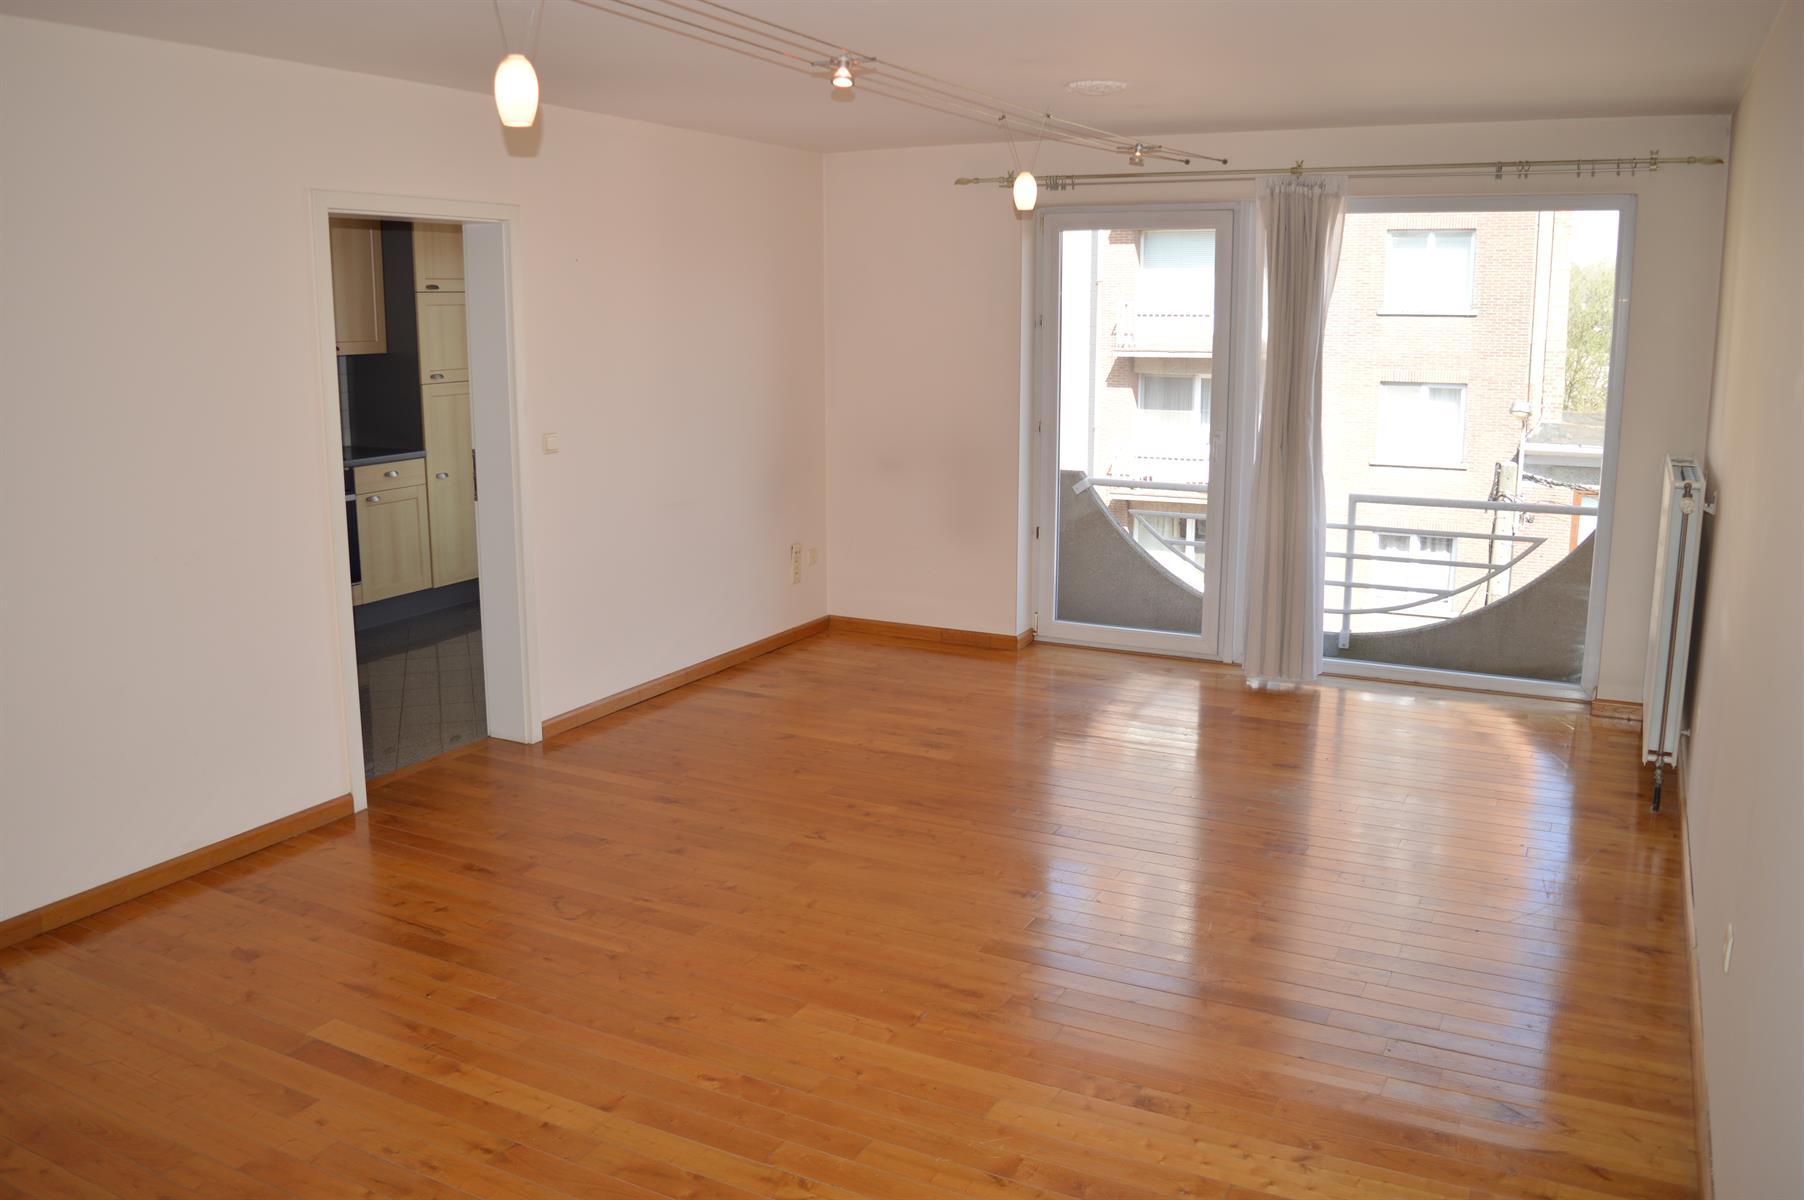 Appartement - Waremme - #4342836-1